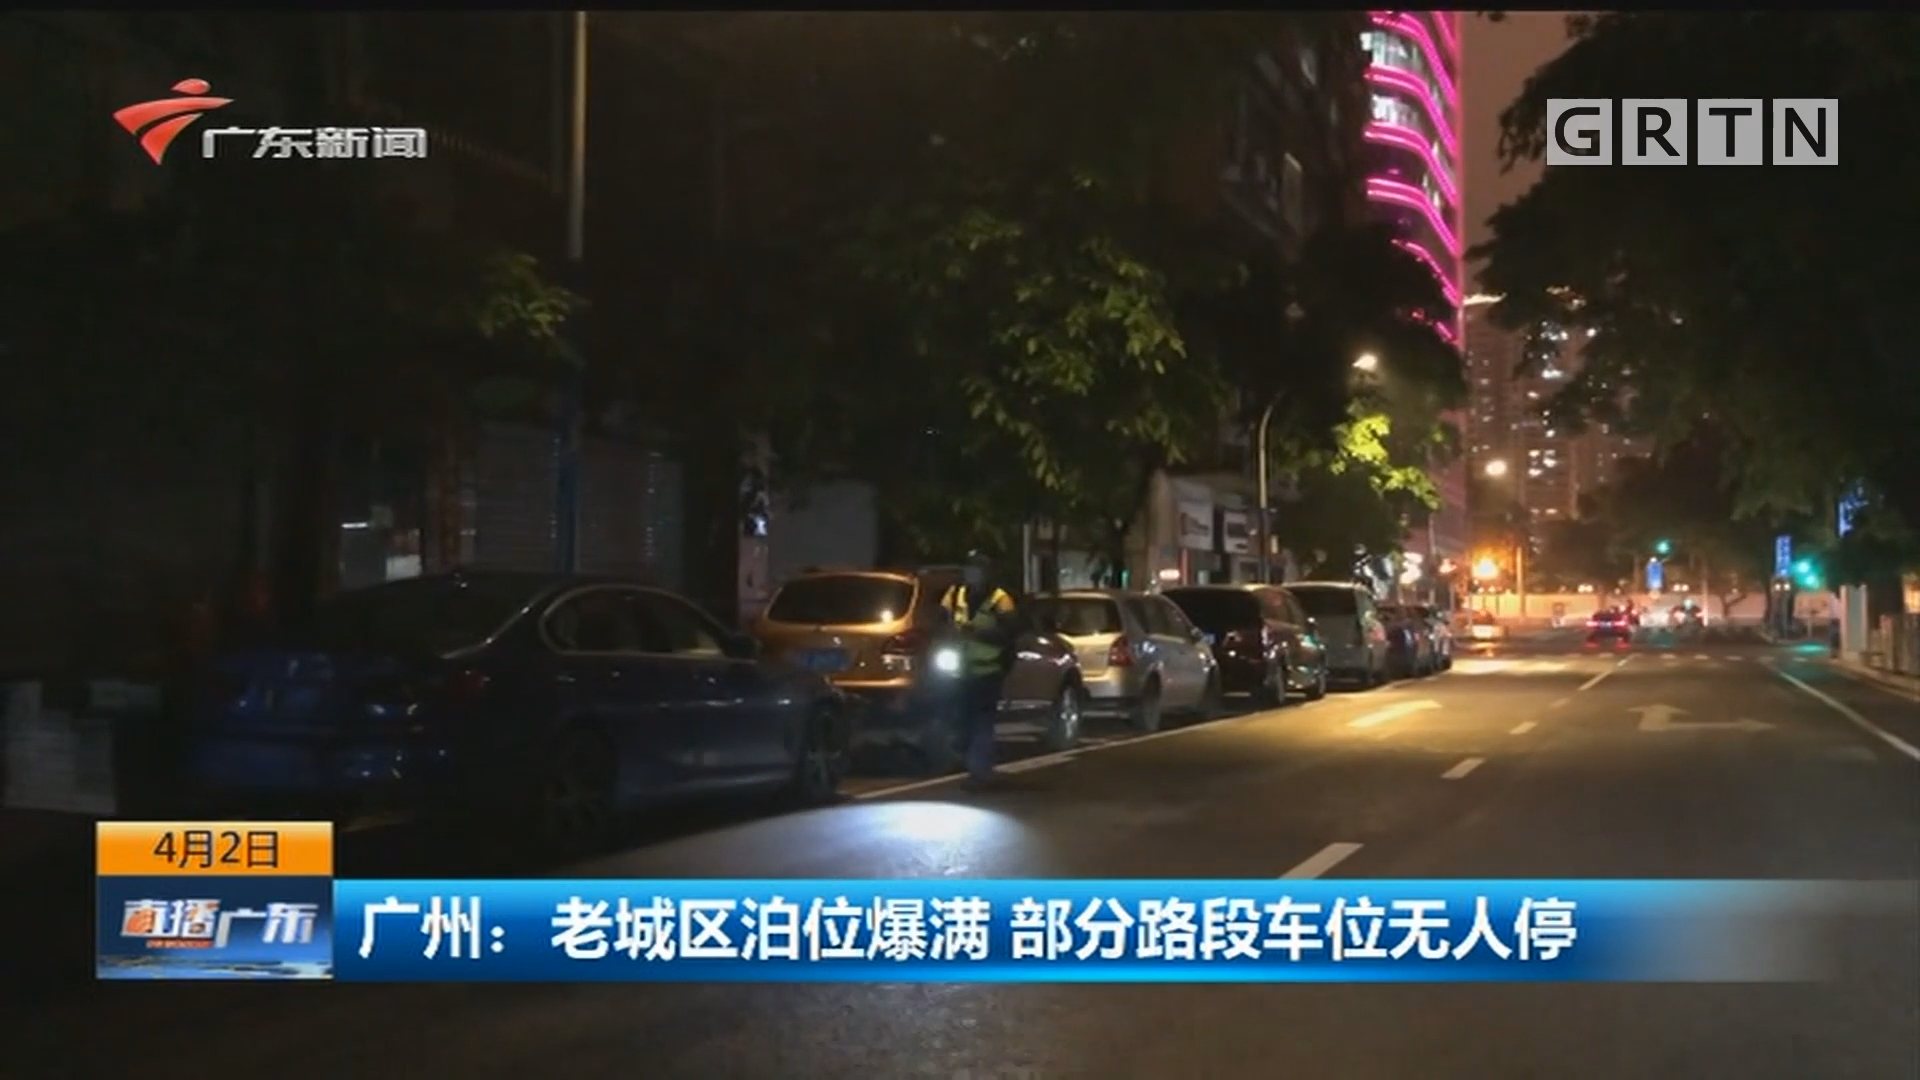 广州:老城区泊位爆满 部分路段车位无人停